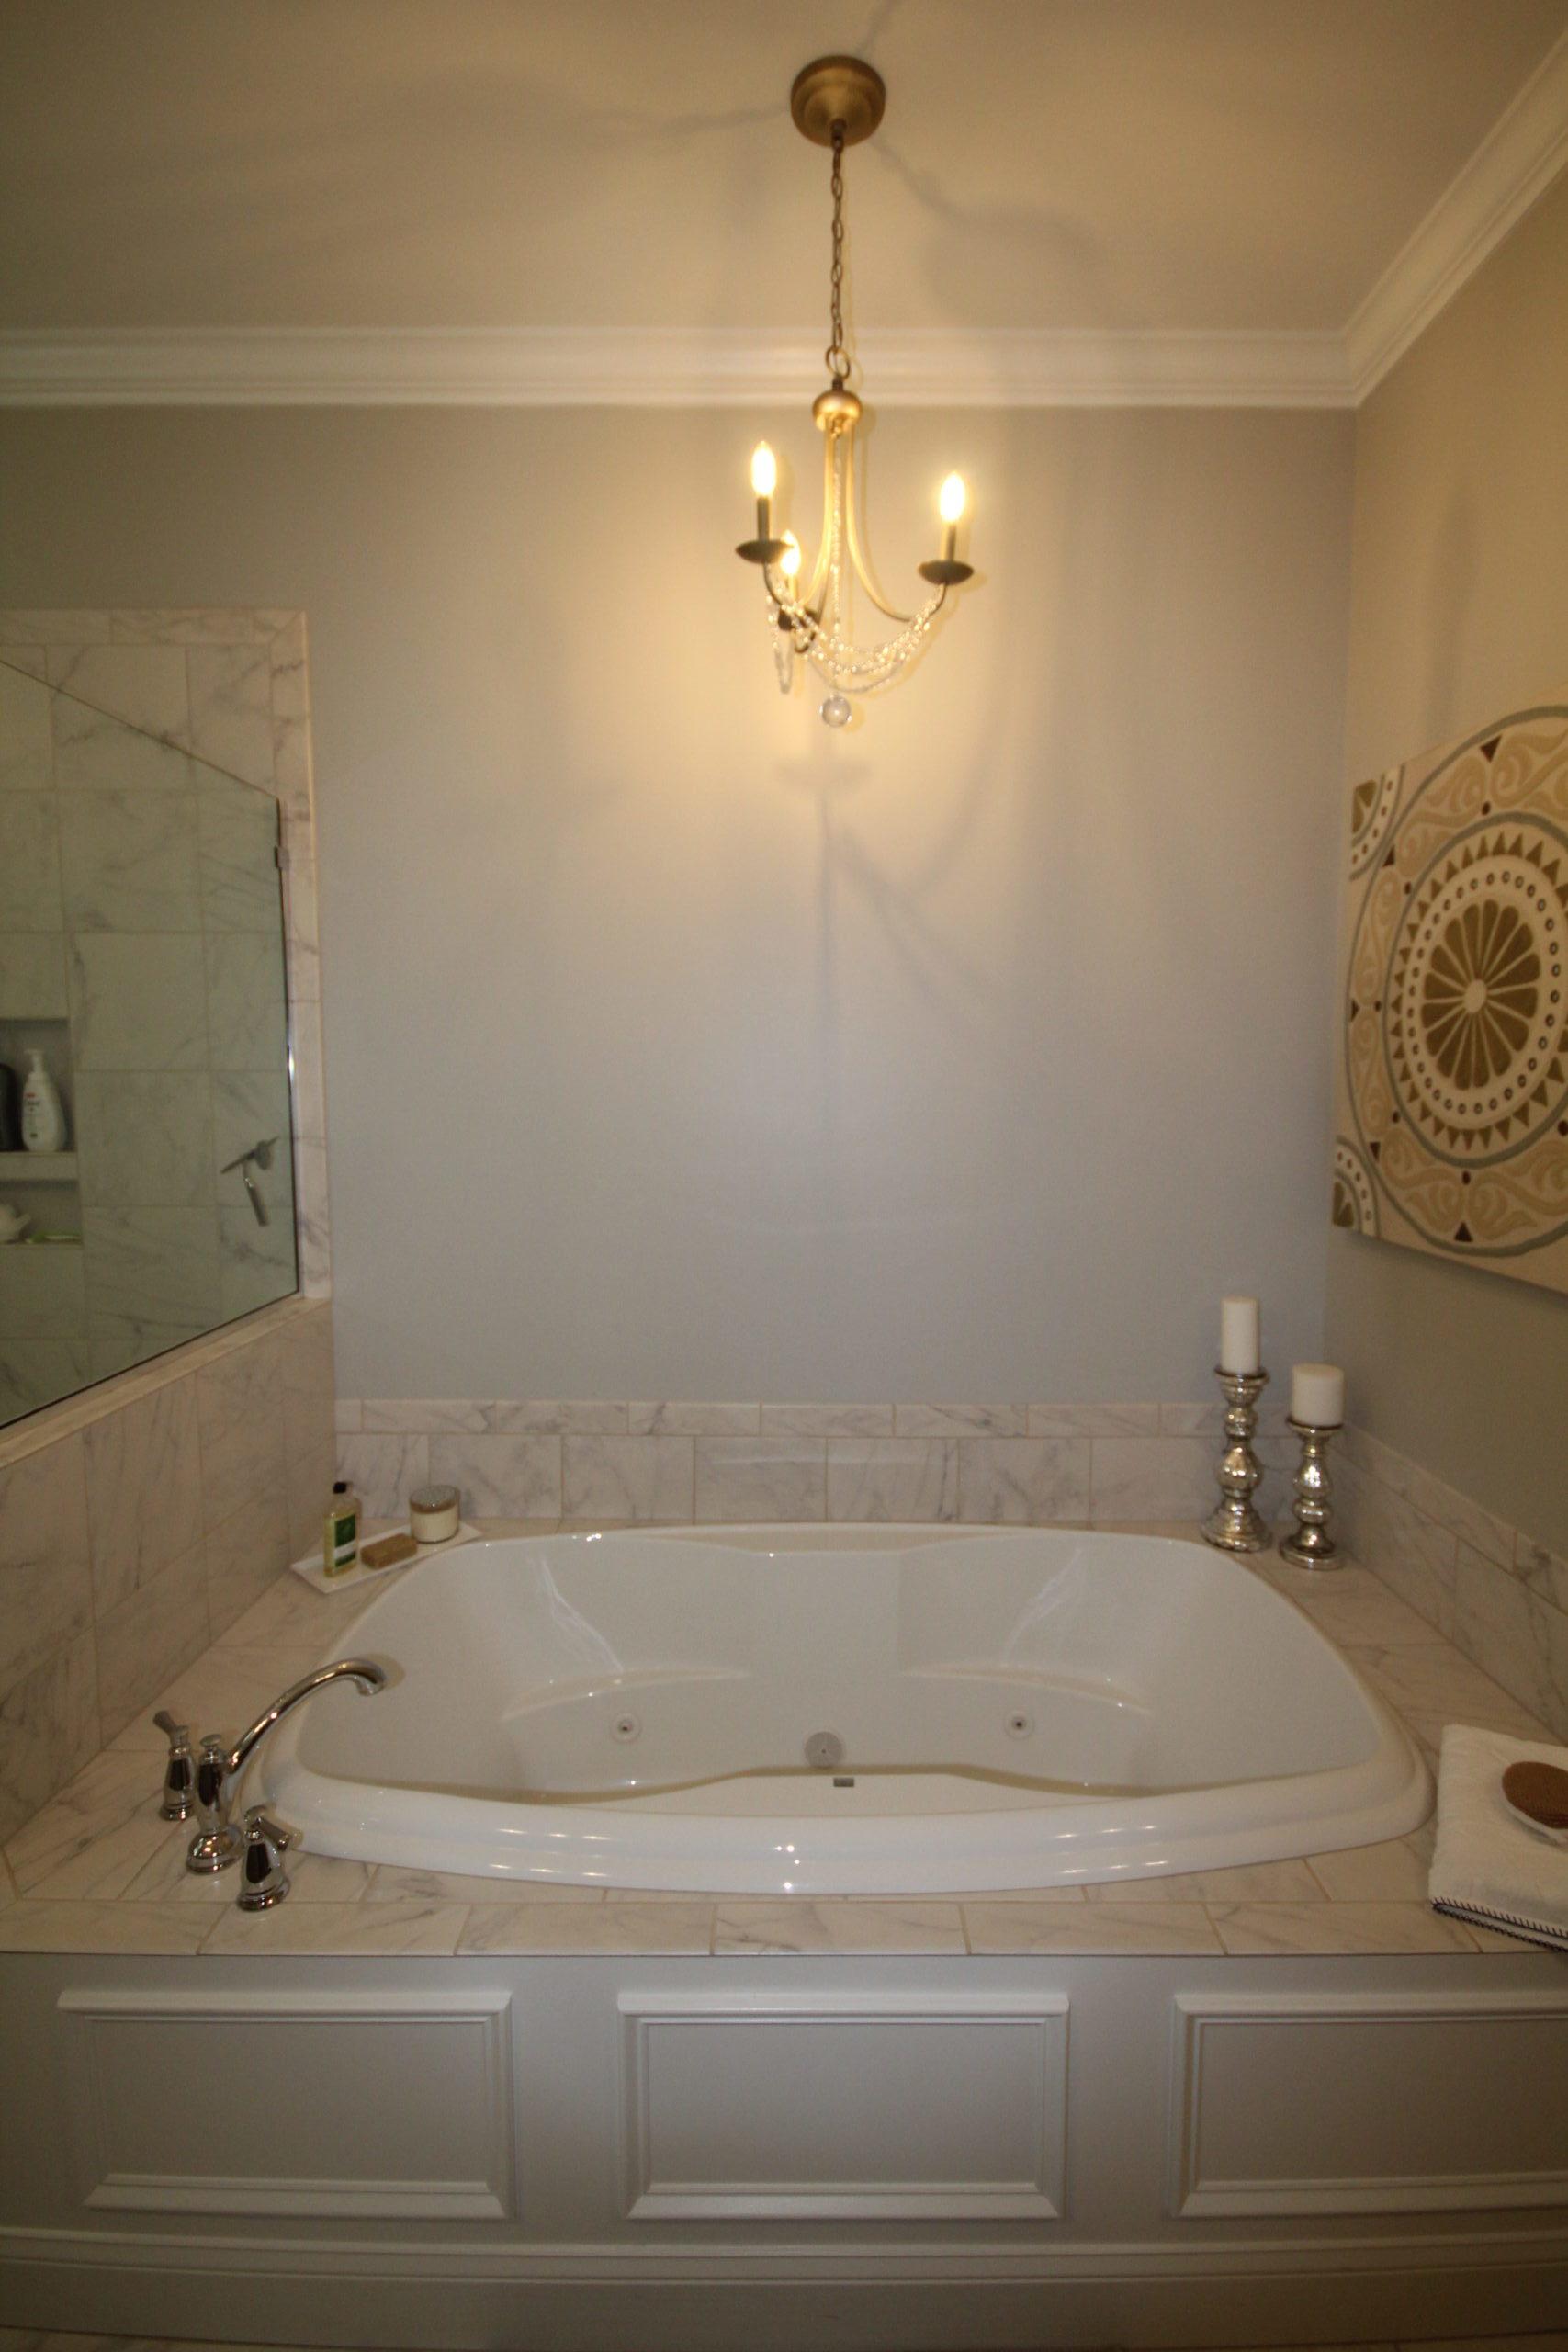 bathroom-remodeling-work-TAG-Builders-27-KP-Bathroom-ba-1-scaled-e1586517935886